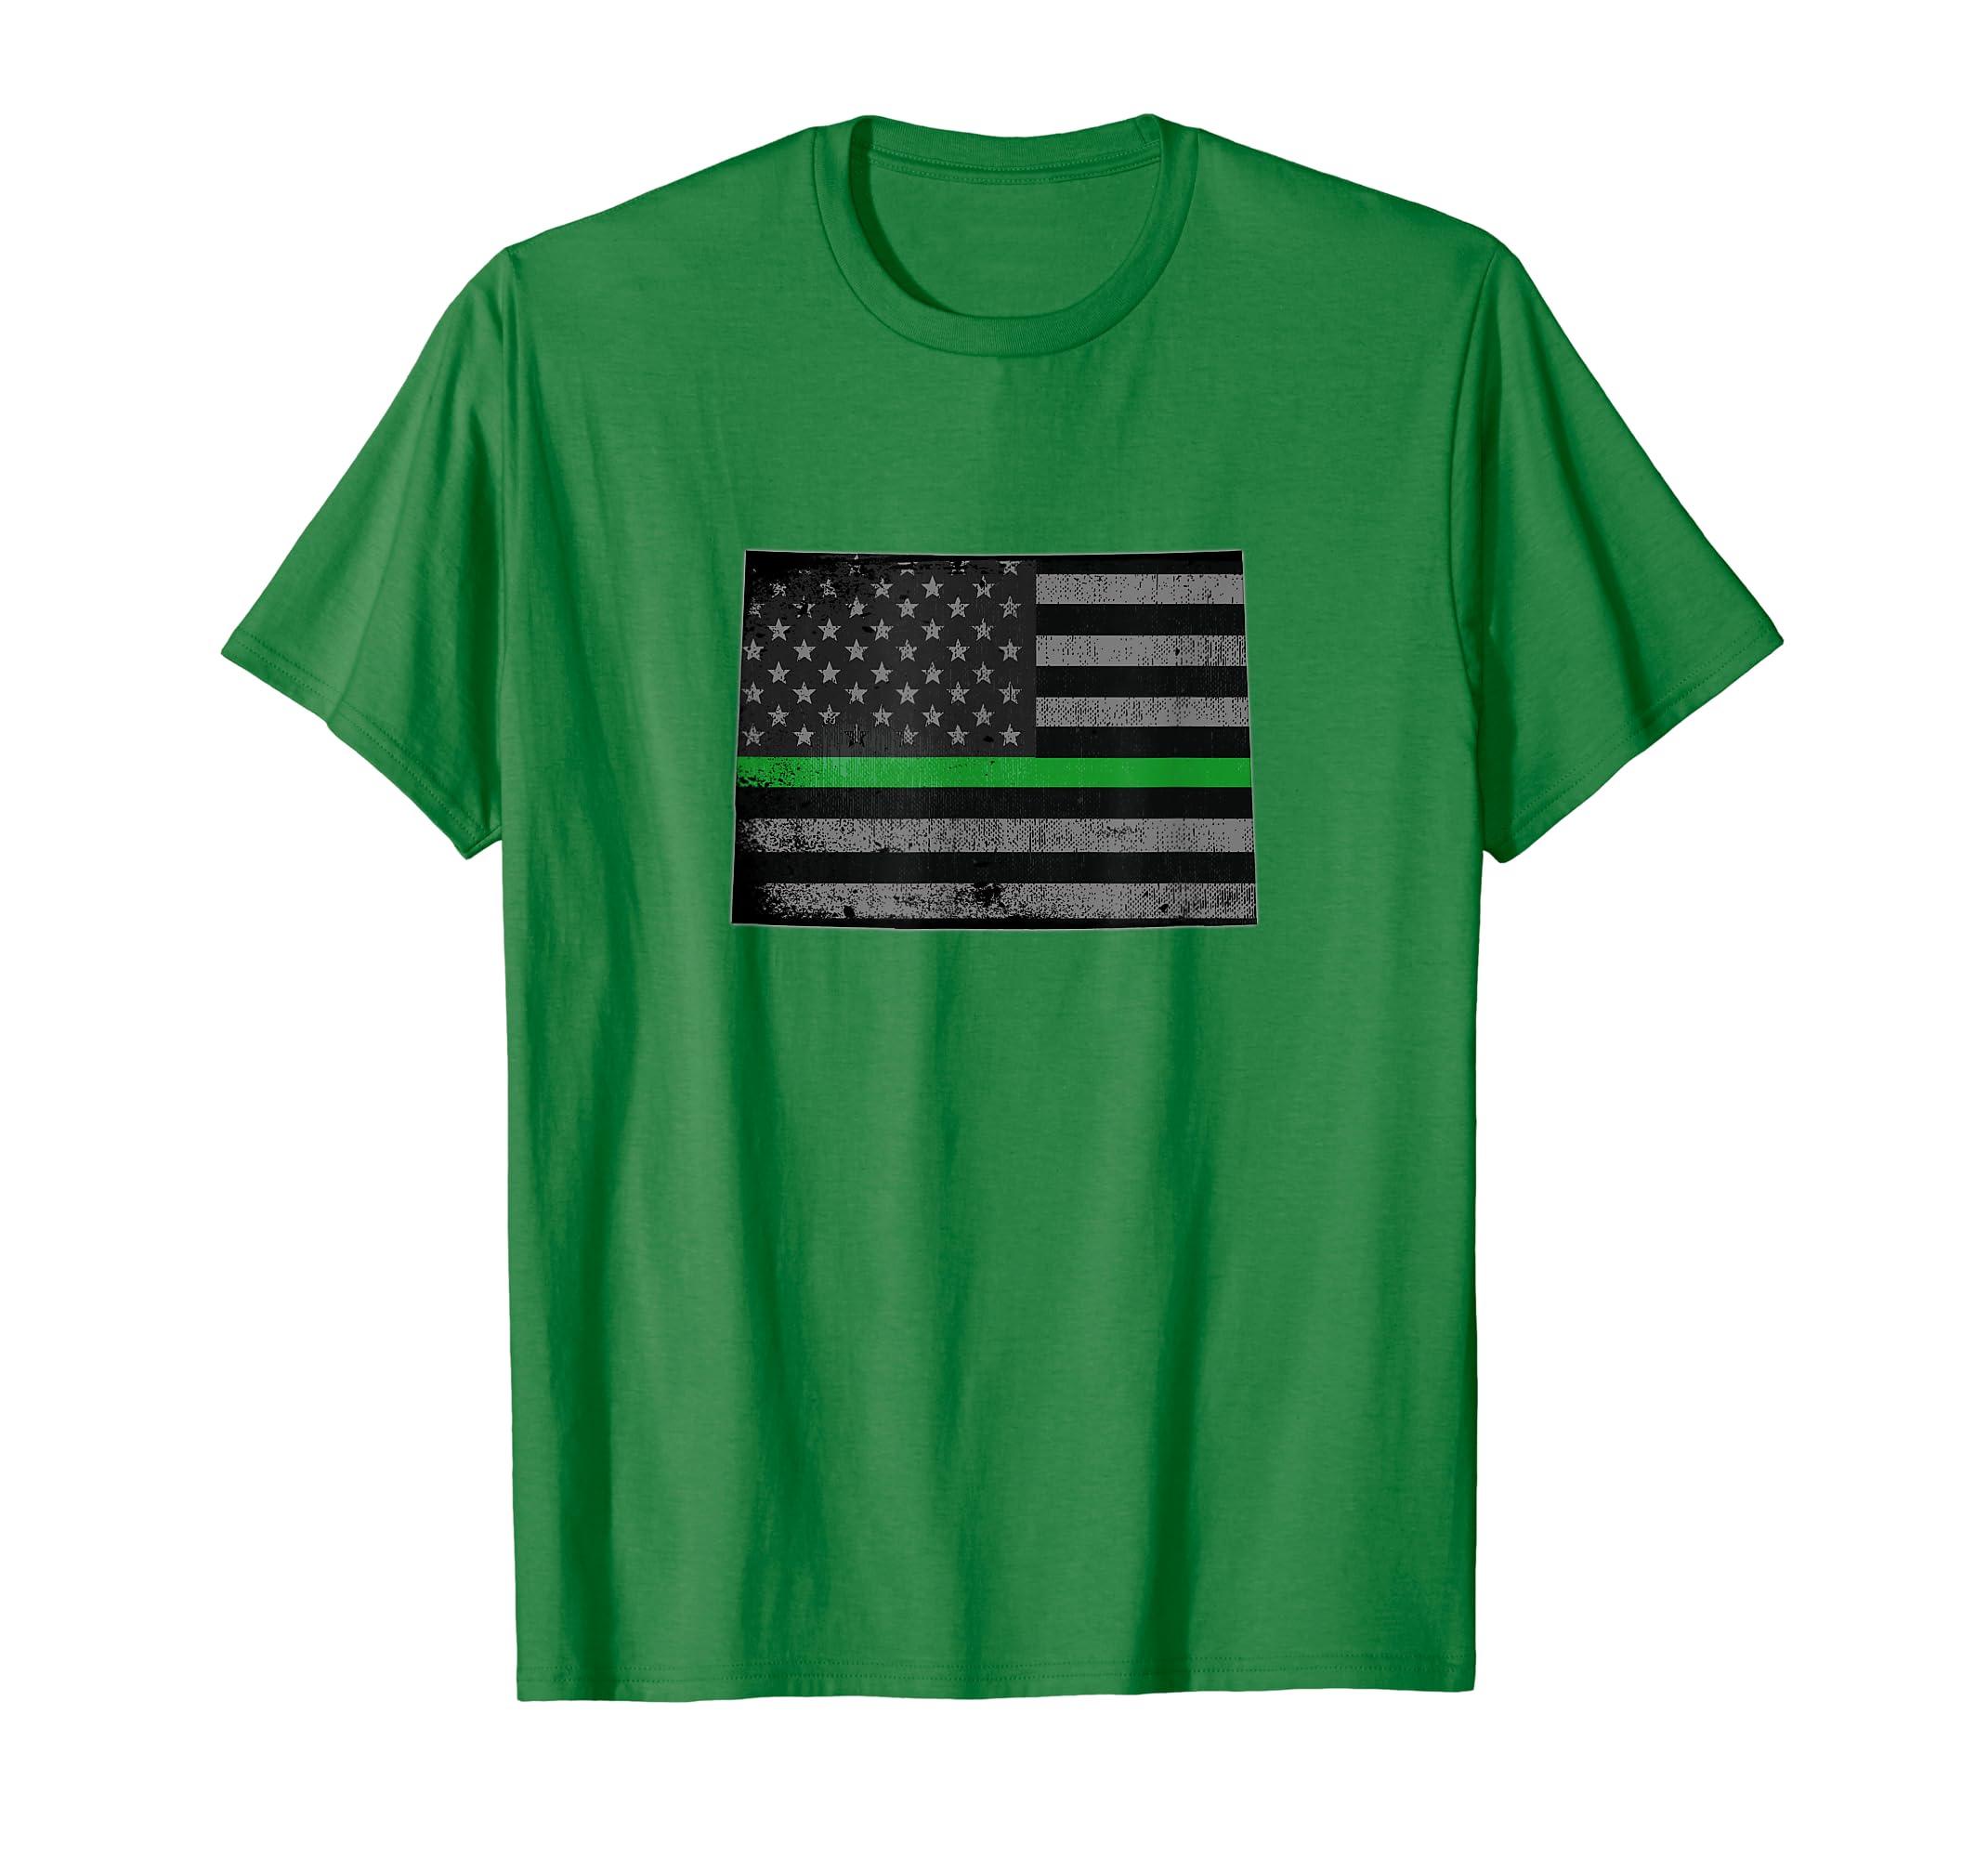 6fcffce6 Amazon.com: Colorado Thin Green Line Flag Federal Agent T-Shirt: Clothing